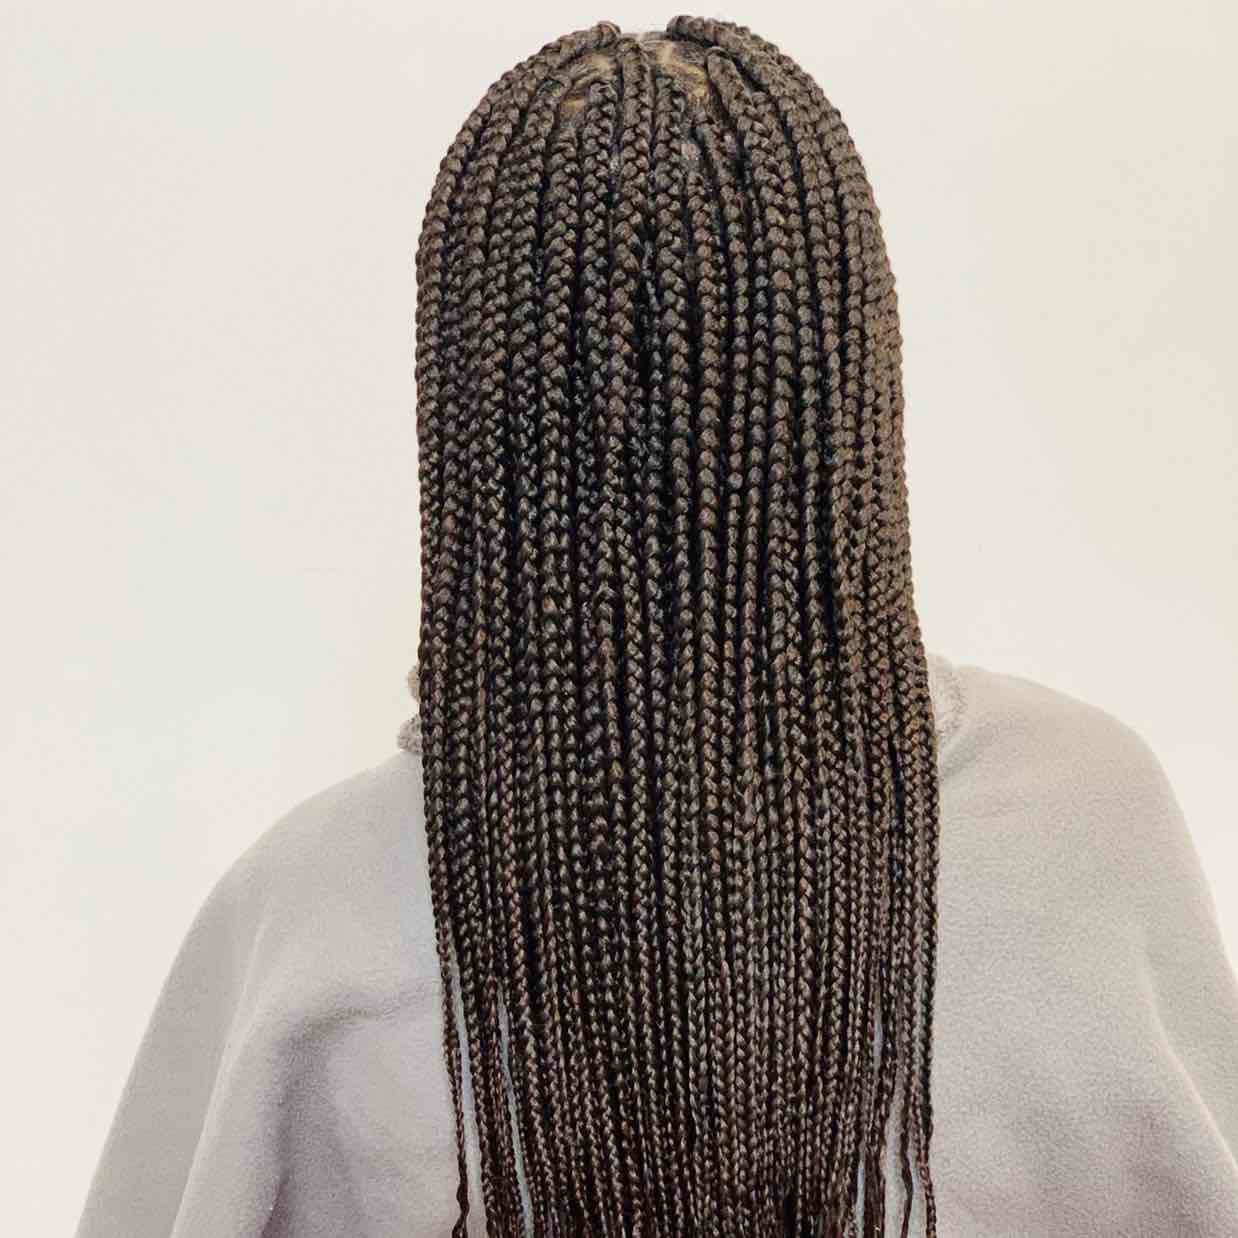 salon de coiffure afro tresse tresses box braids crochet braids vanilles tissages paris 75 77 78 91 92 93 94 95 BTDOGLTS